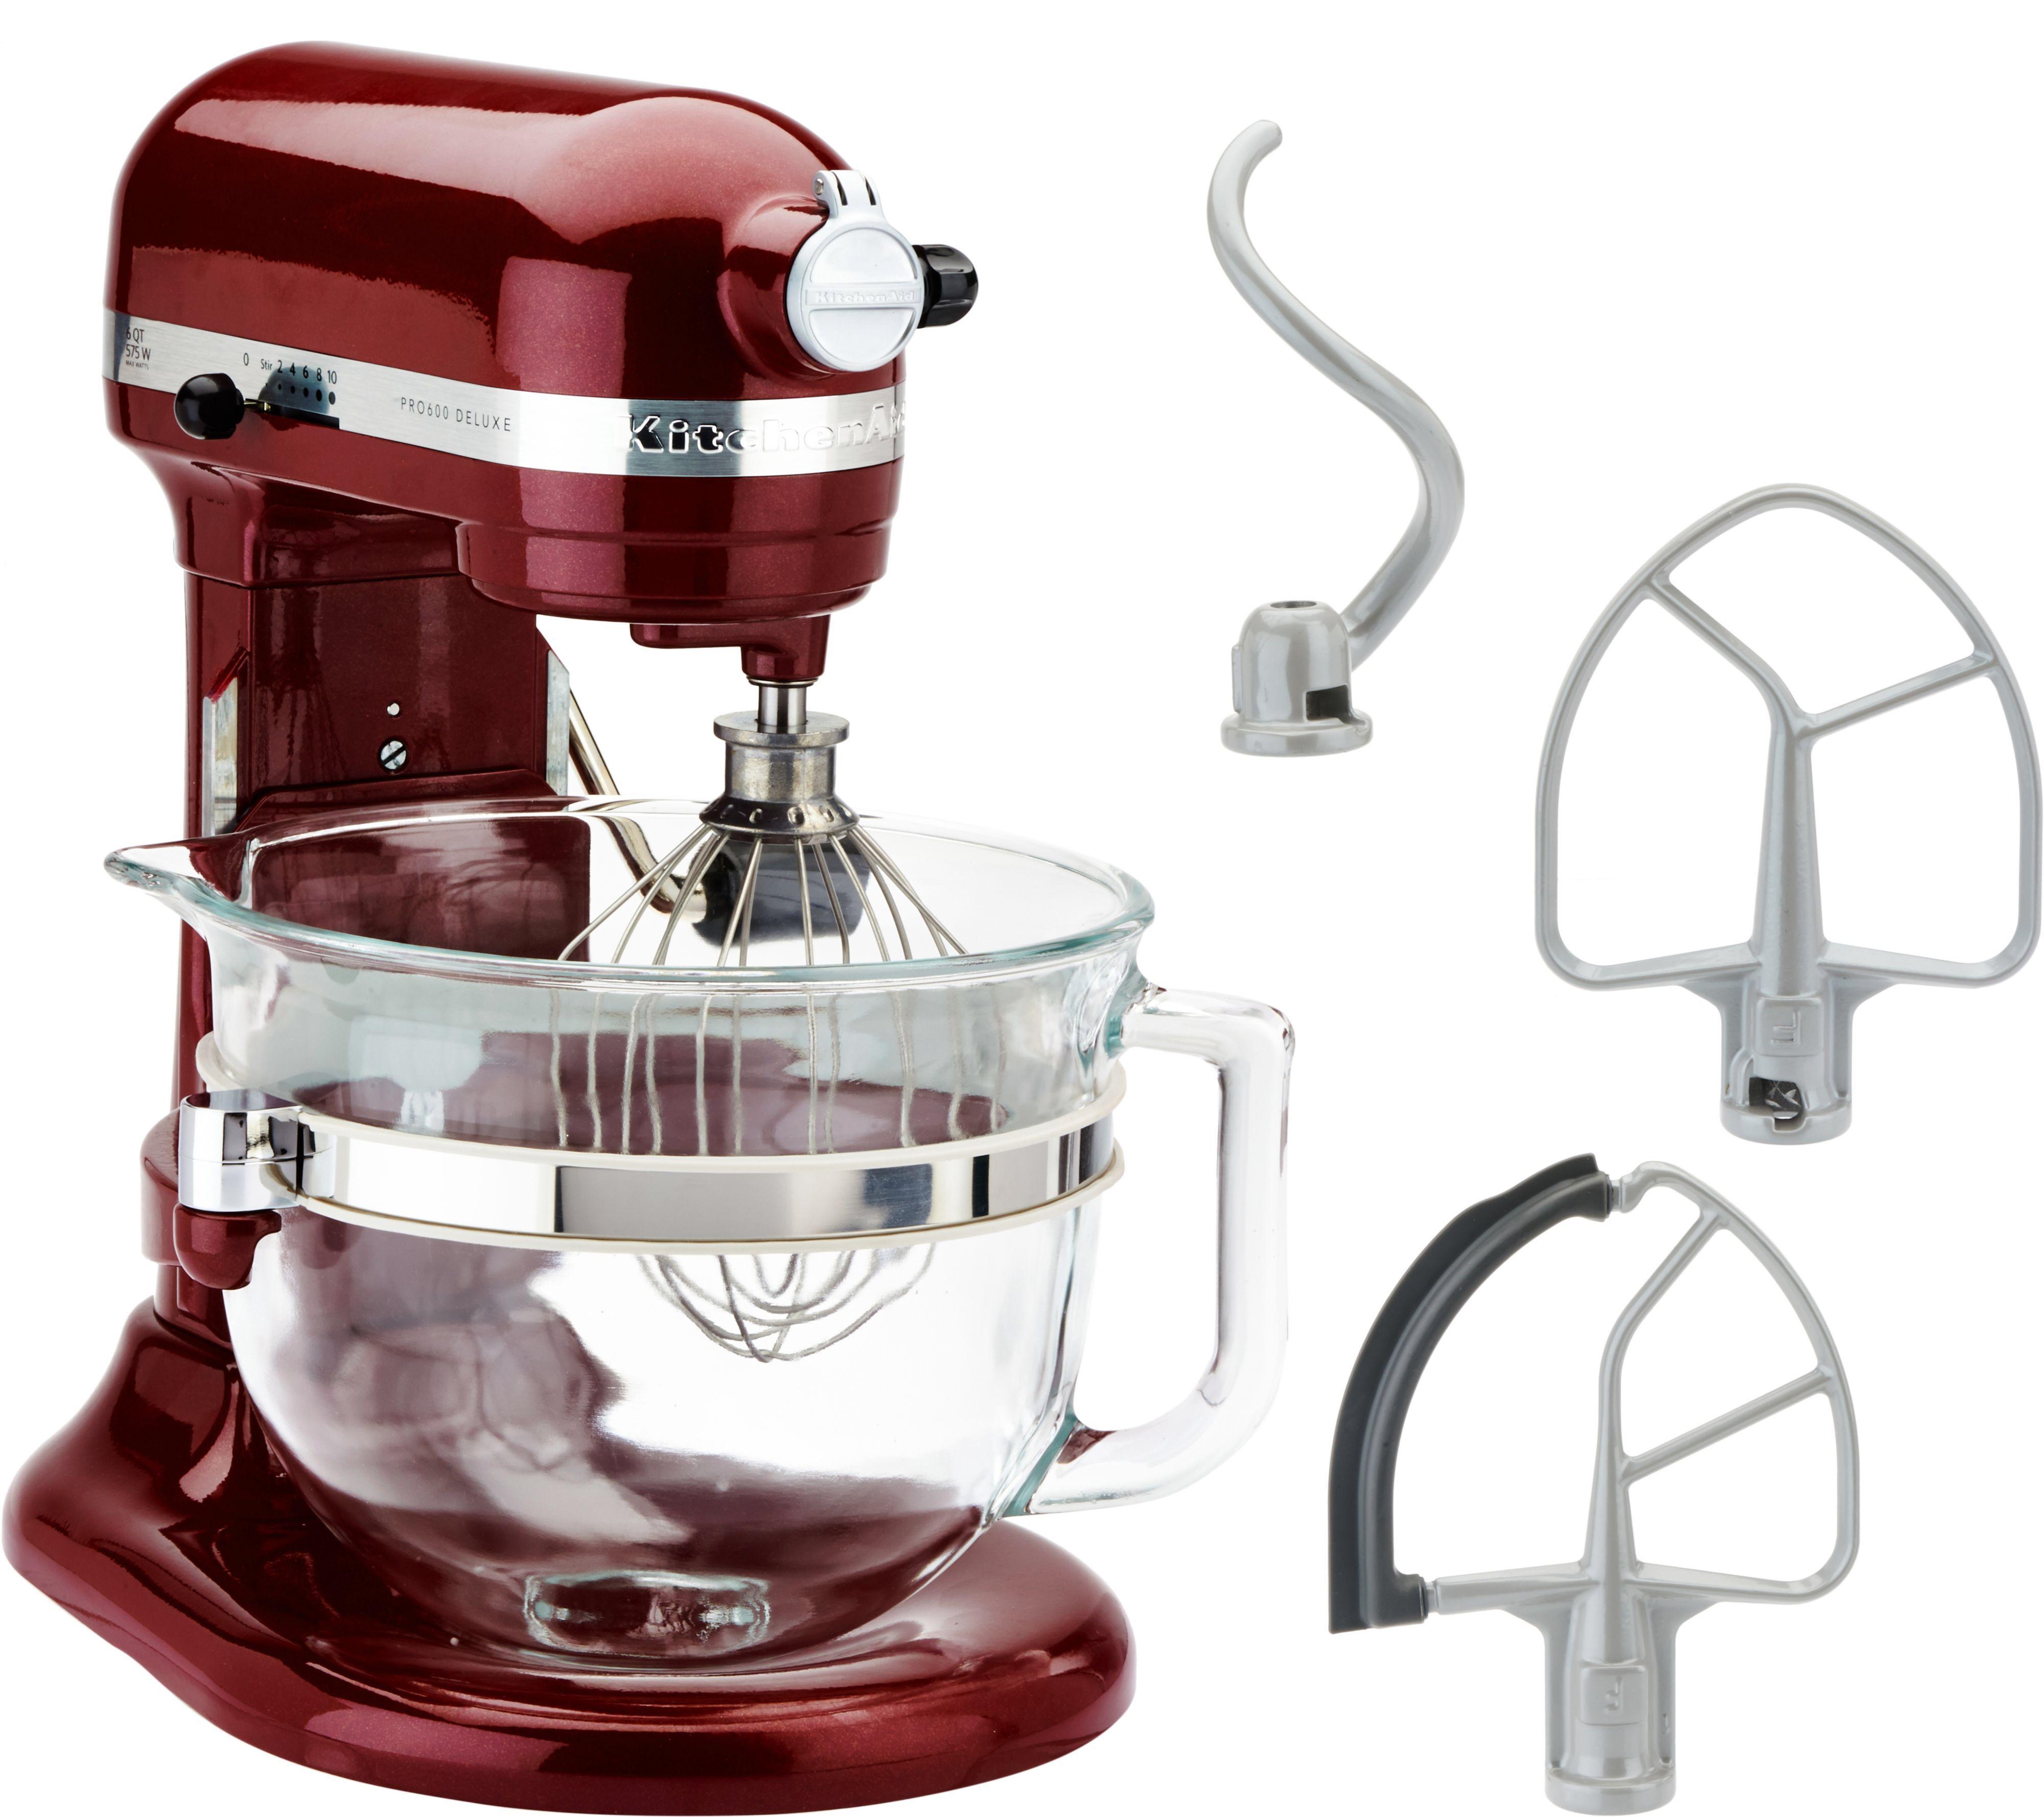 Kitchenaid 6qt 575 watt glass bowl lift stand mixer w